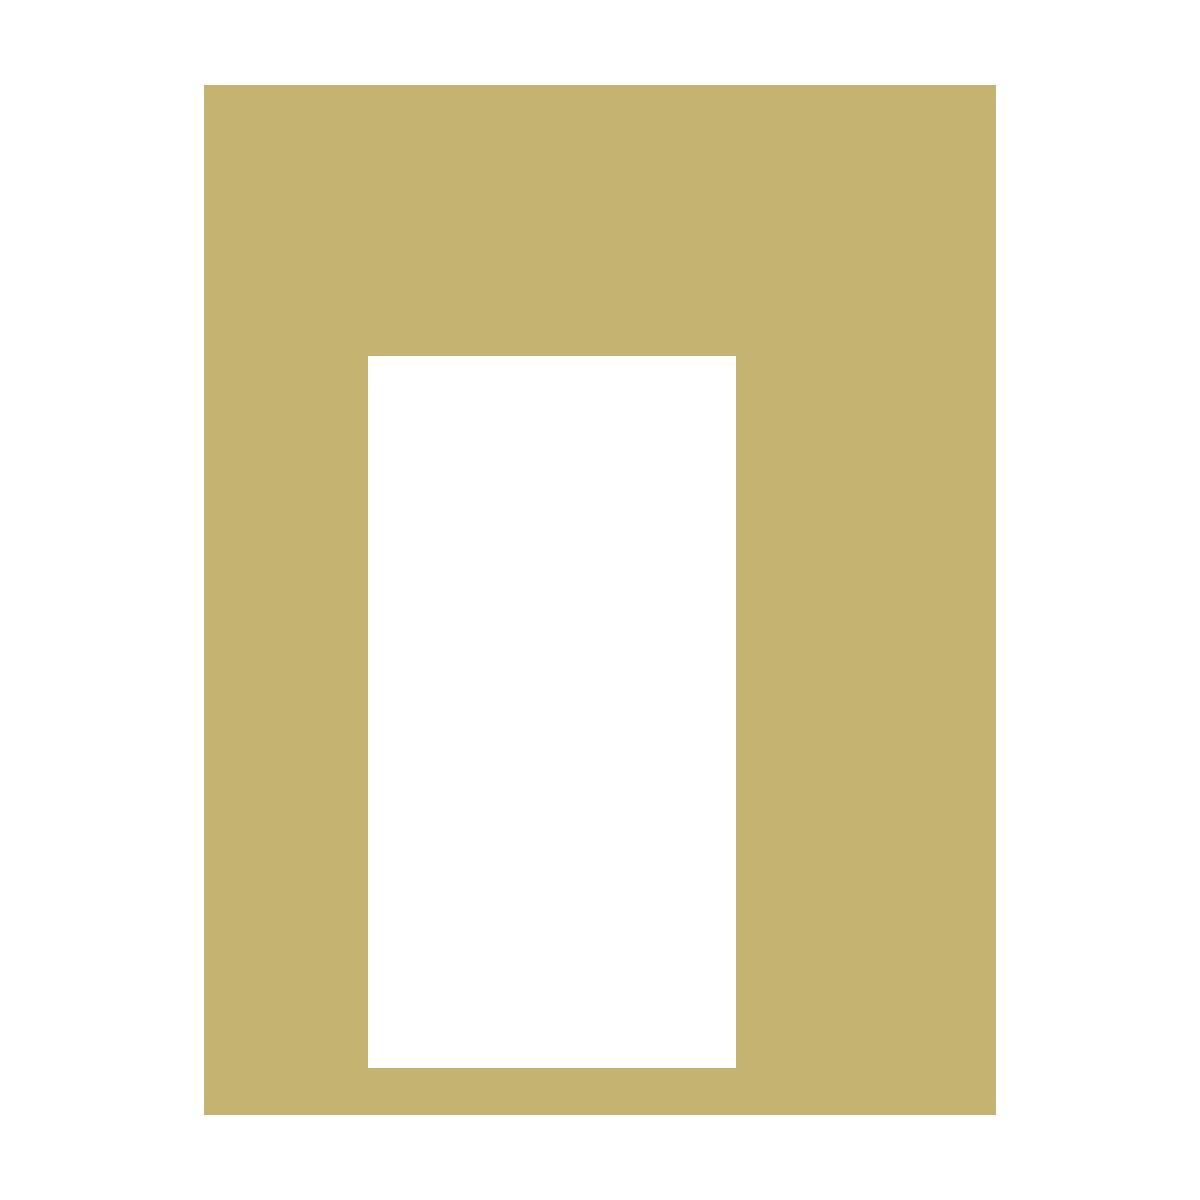 千库网_中国古典方框架元素_元素编号11730762.png